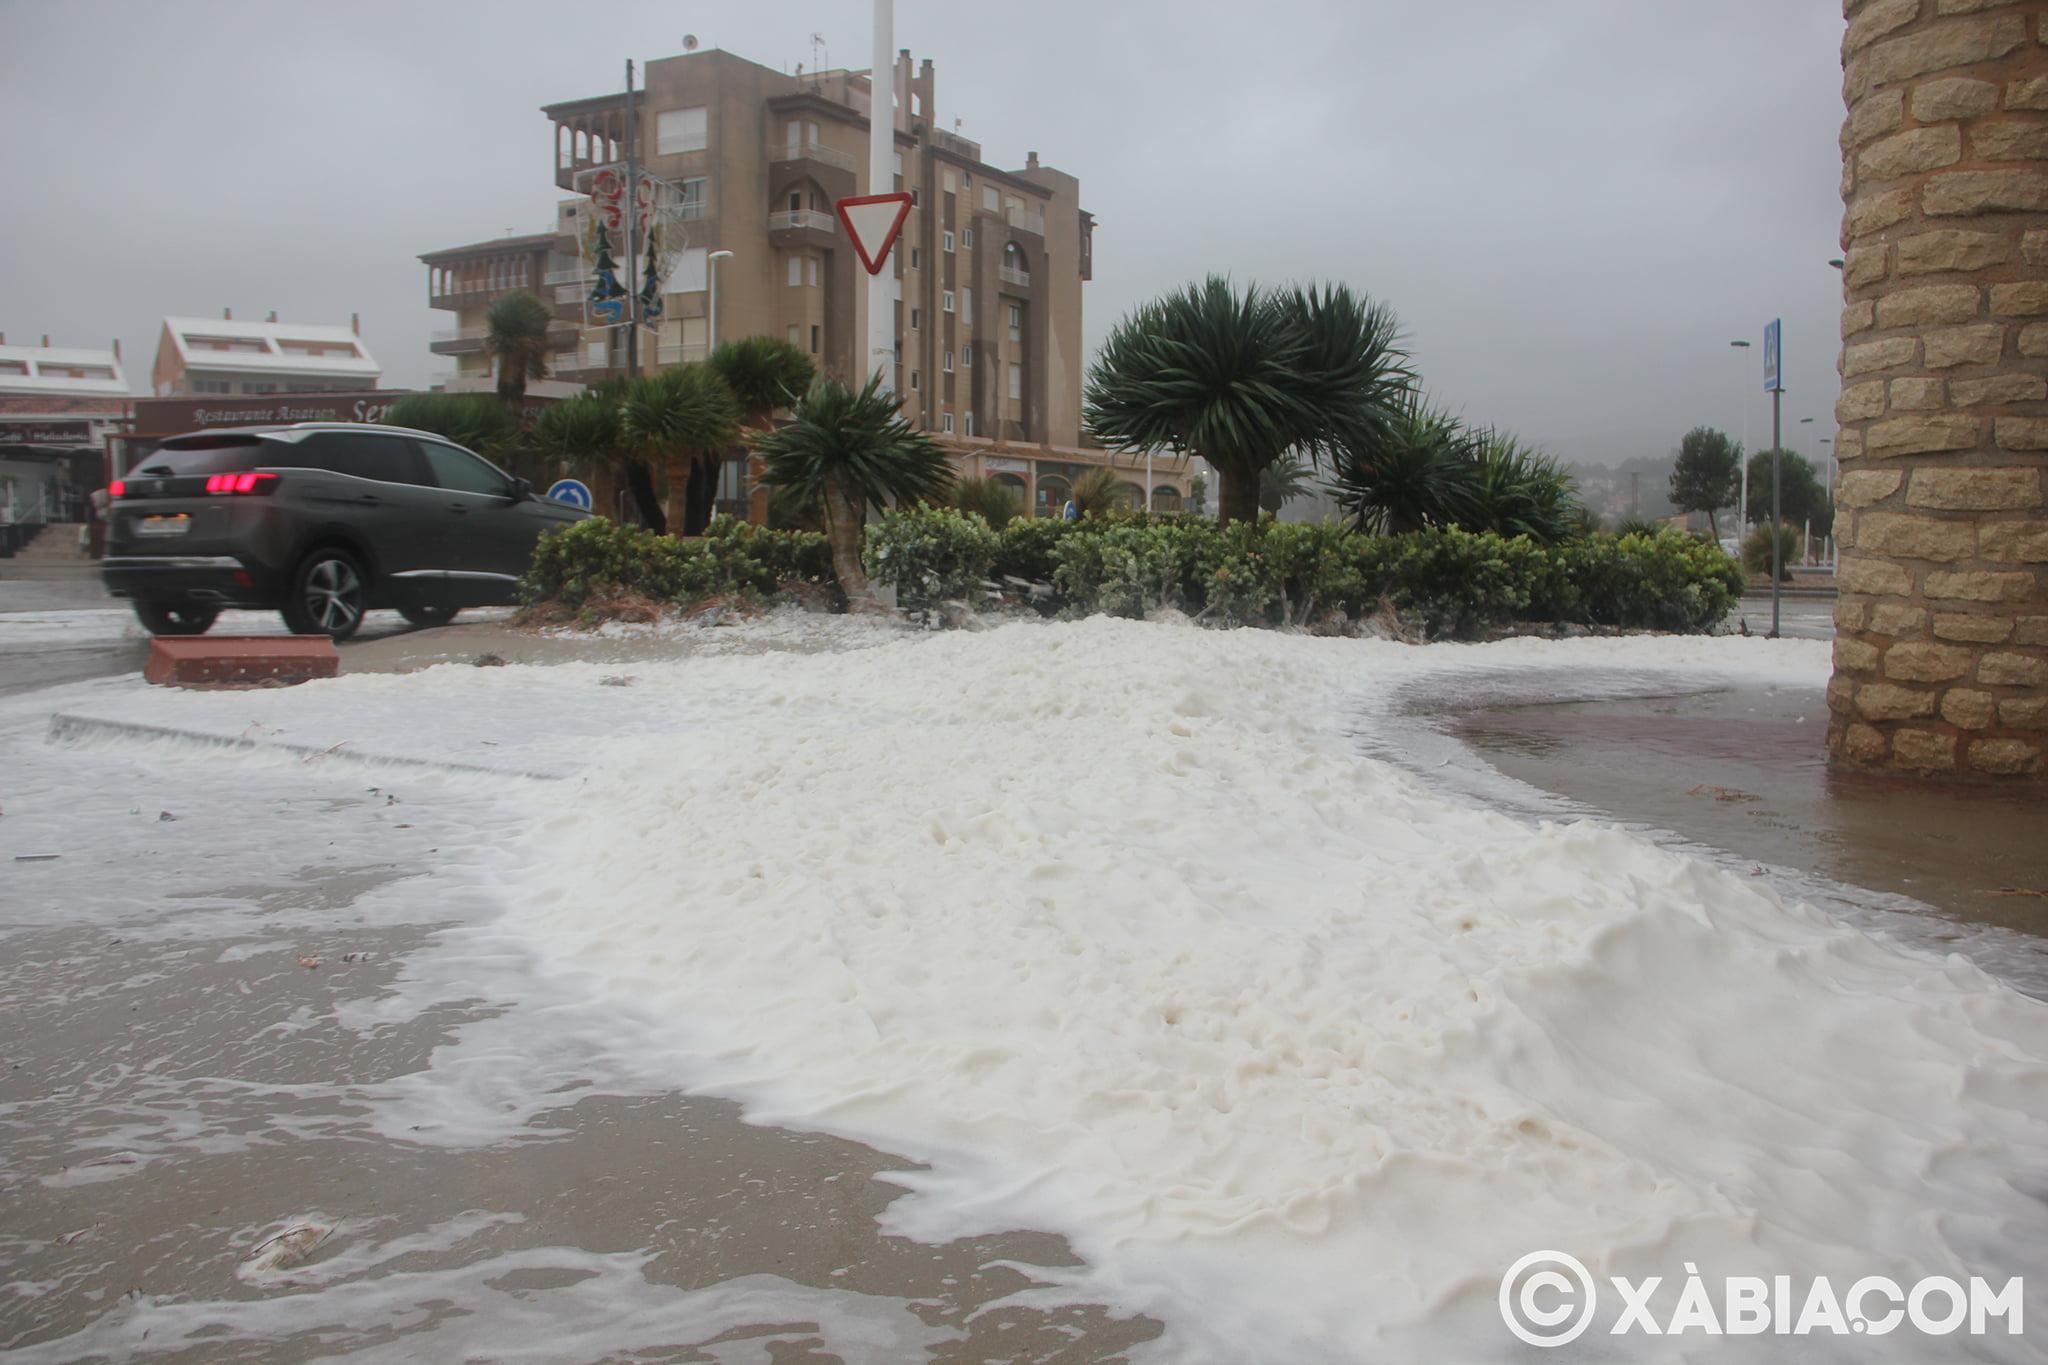 Brandelli di pioggia, vento e mare in Xàbia (32)